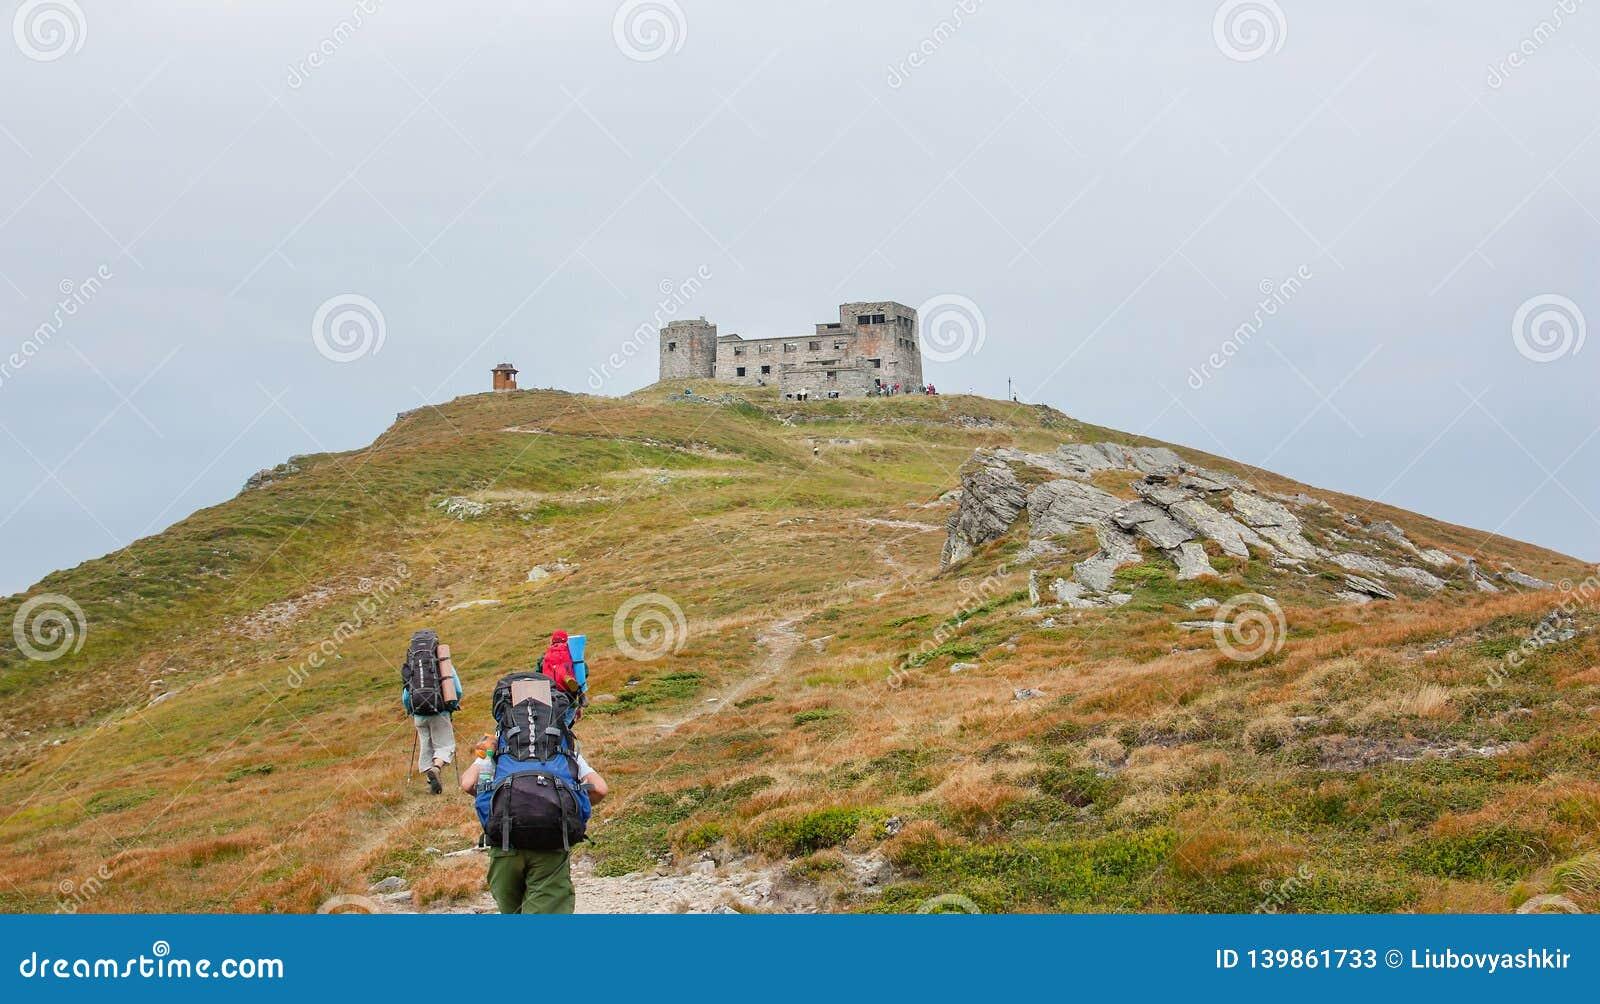 Touristes sur la traînée dans les montagnes Vue panoramique des montagnes rocheuses des Carpathiens, Ukraine